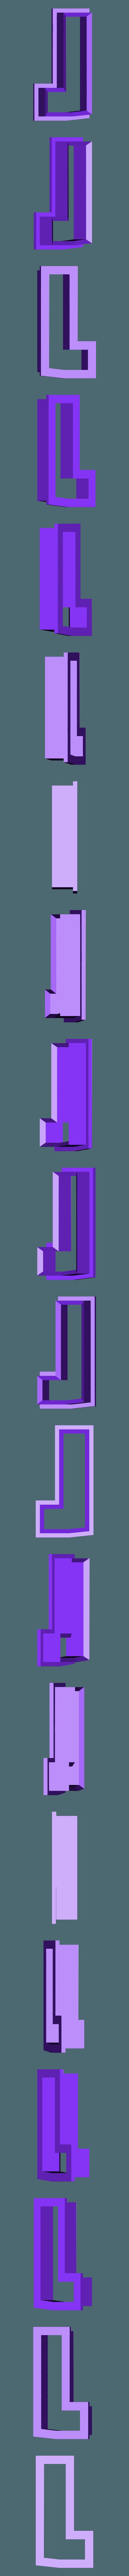 1-One.stl Télécharger fichier STL gratuit Numéros de Play-Doh/Cookie Cutters • Plan imprimable en 3D, RT3DWorkshop